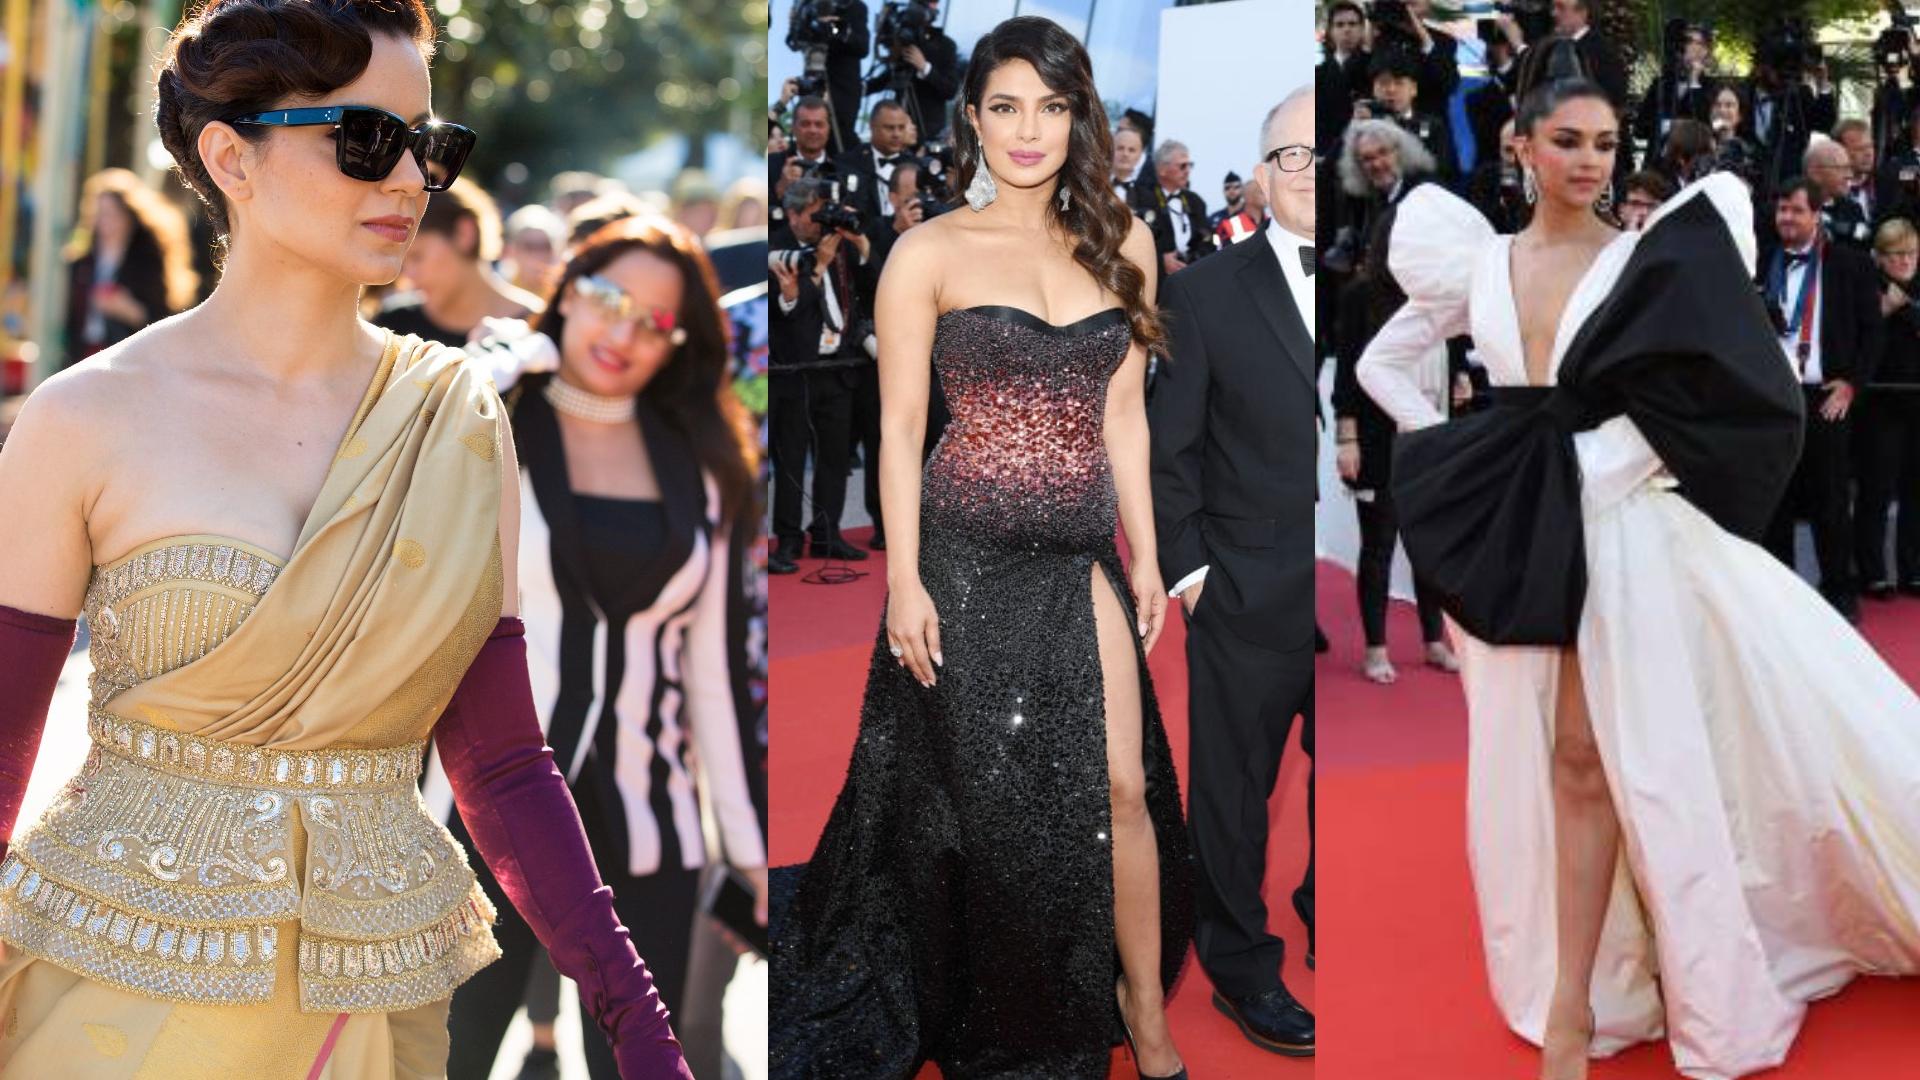 Cannes 2019: दीपिका पादुकोण, प्रियंका चोपड़ा और कंगना रनौत, जानिए कान्स में किस एक्ट्रेस ने जीता लोगों का दिल